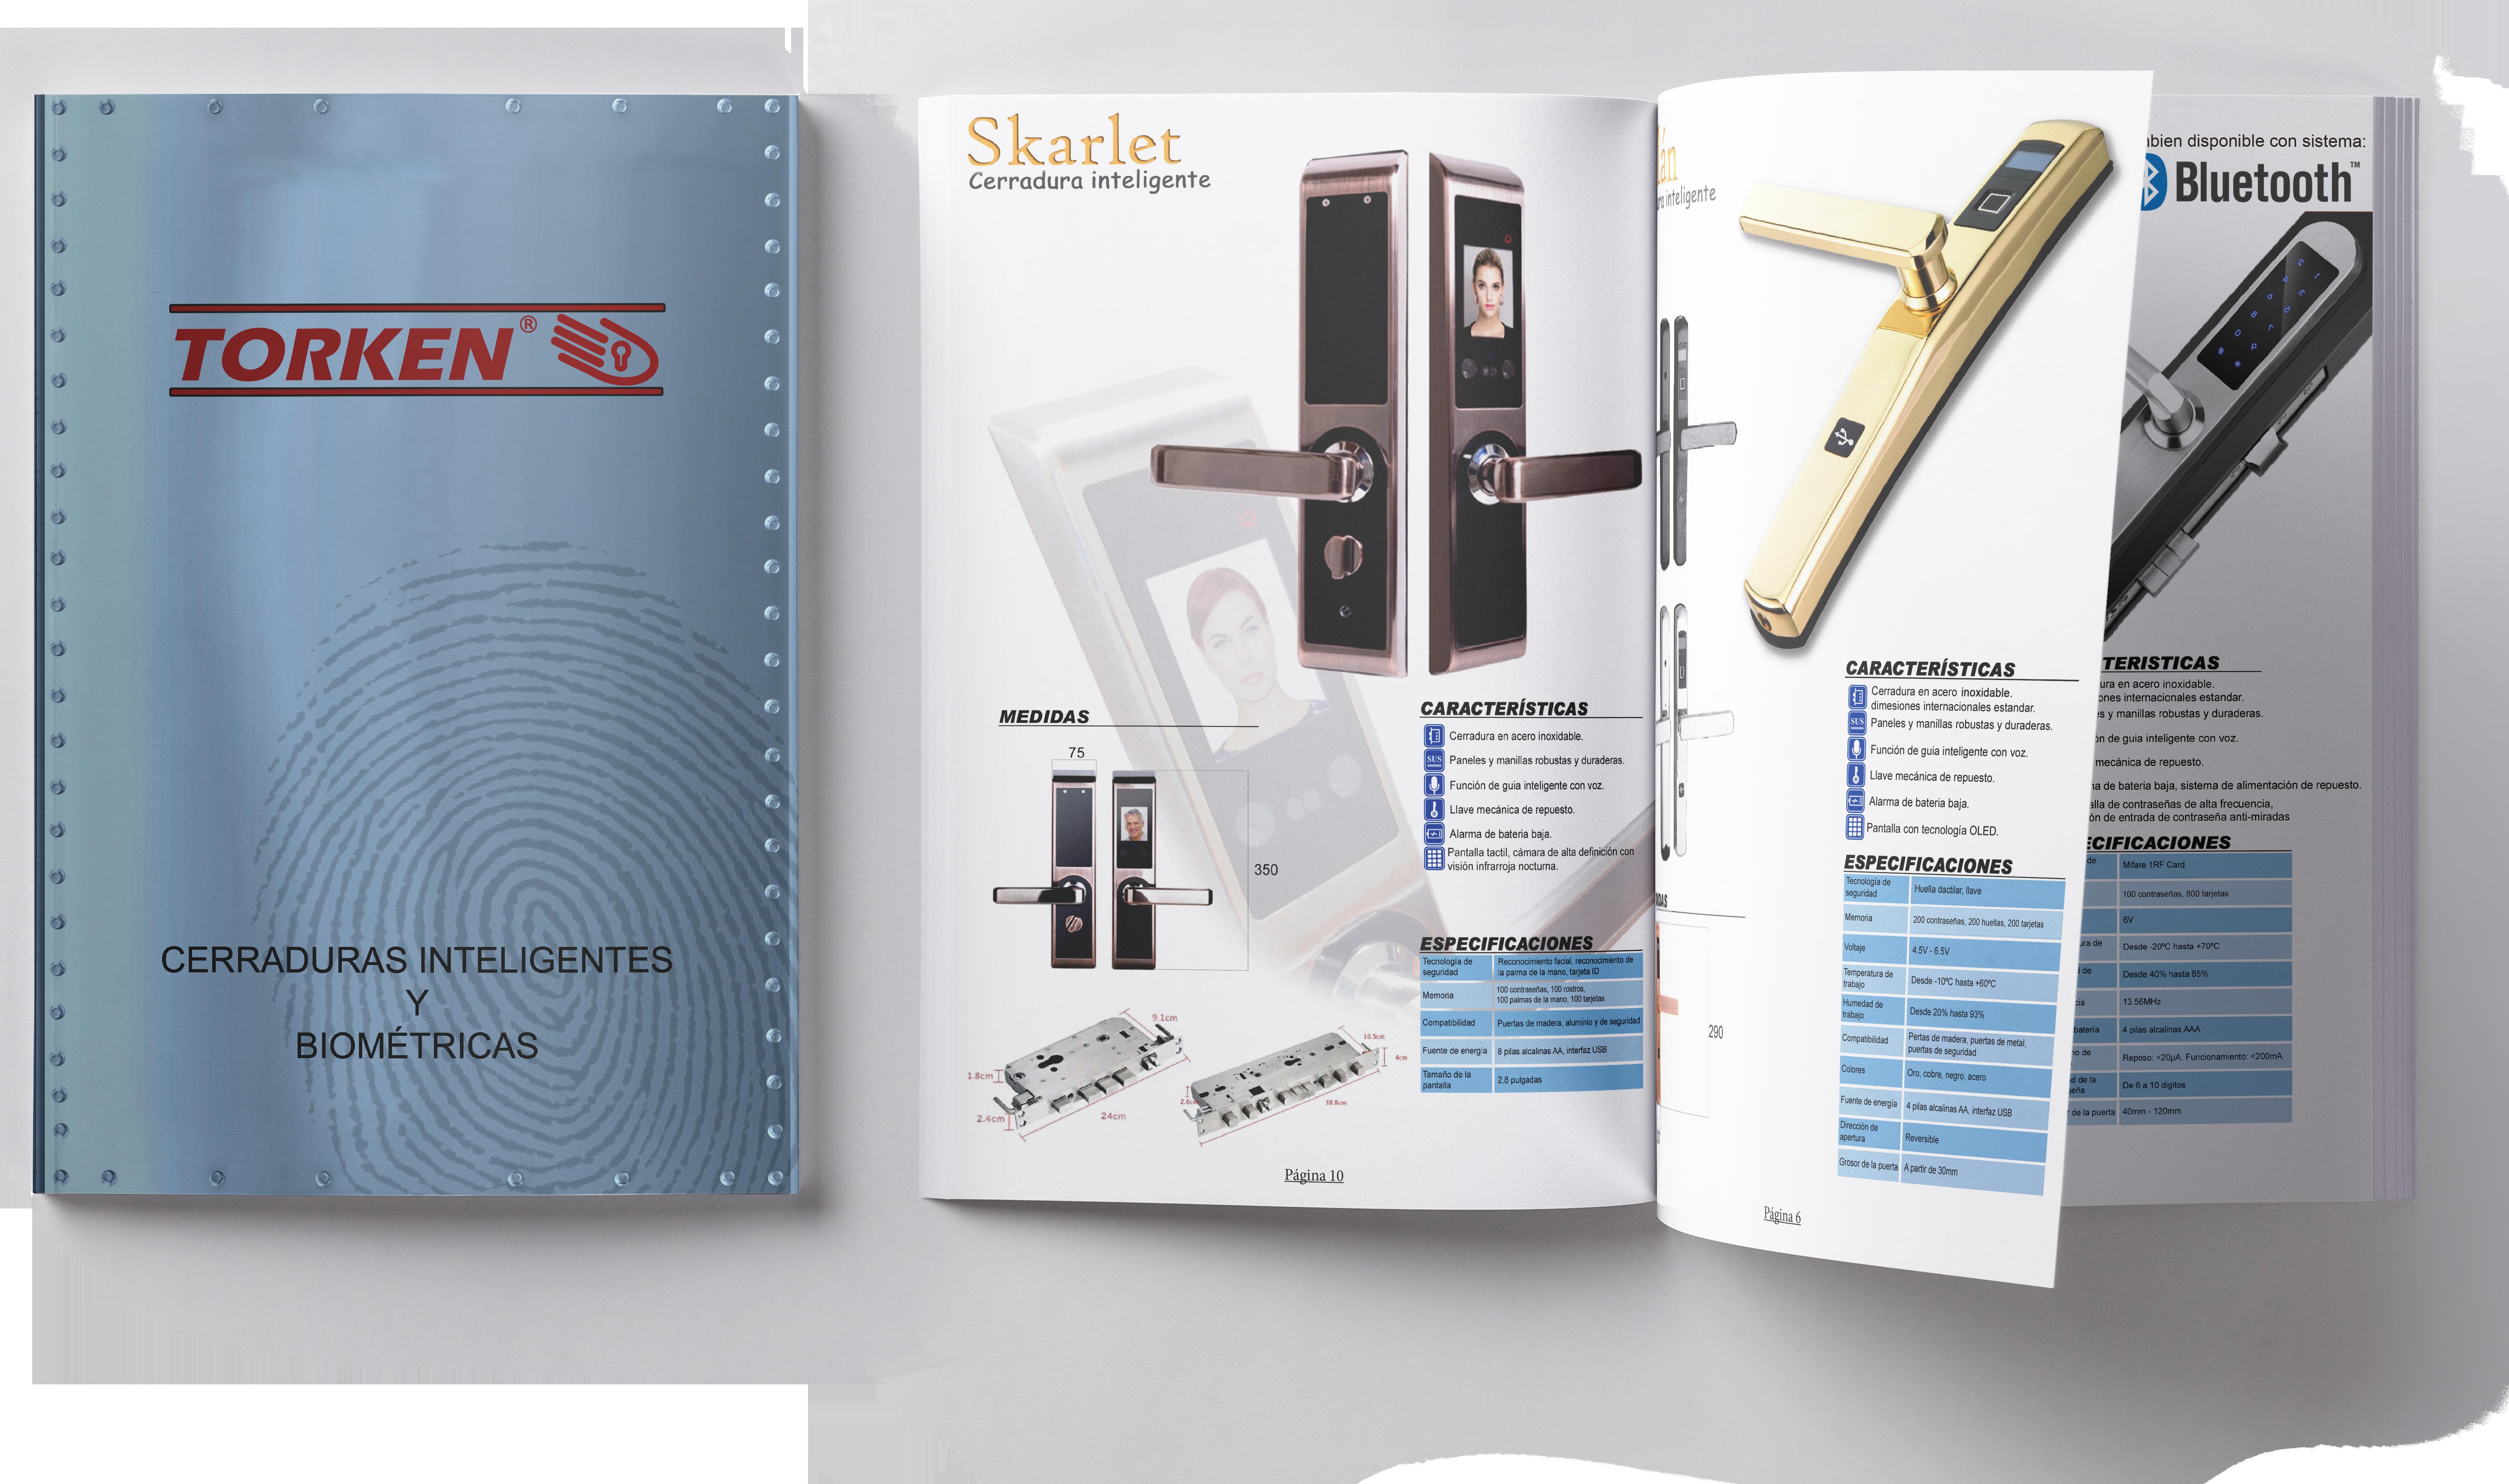 Descarga catalogo cerraduras inteligentes y biométricas para puertas y ventanas de Aluminio y PVC